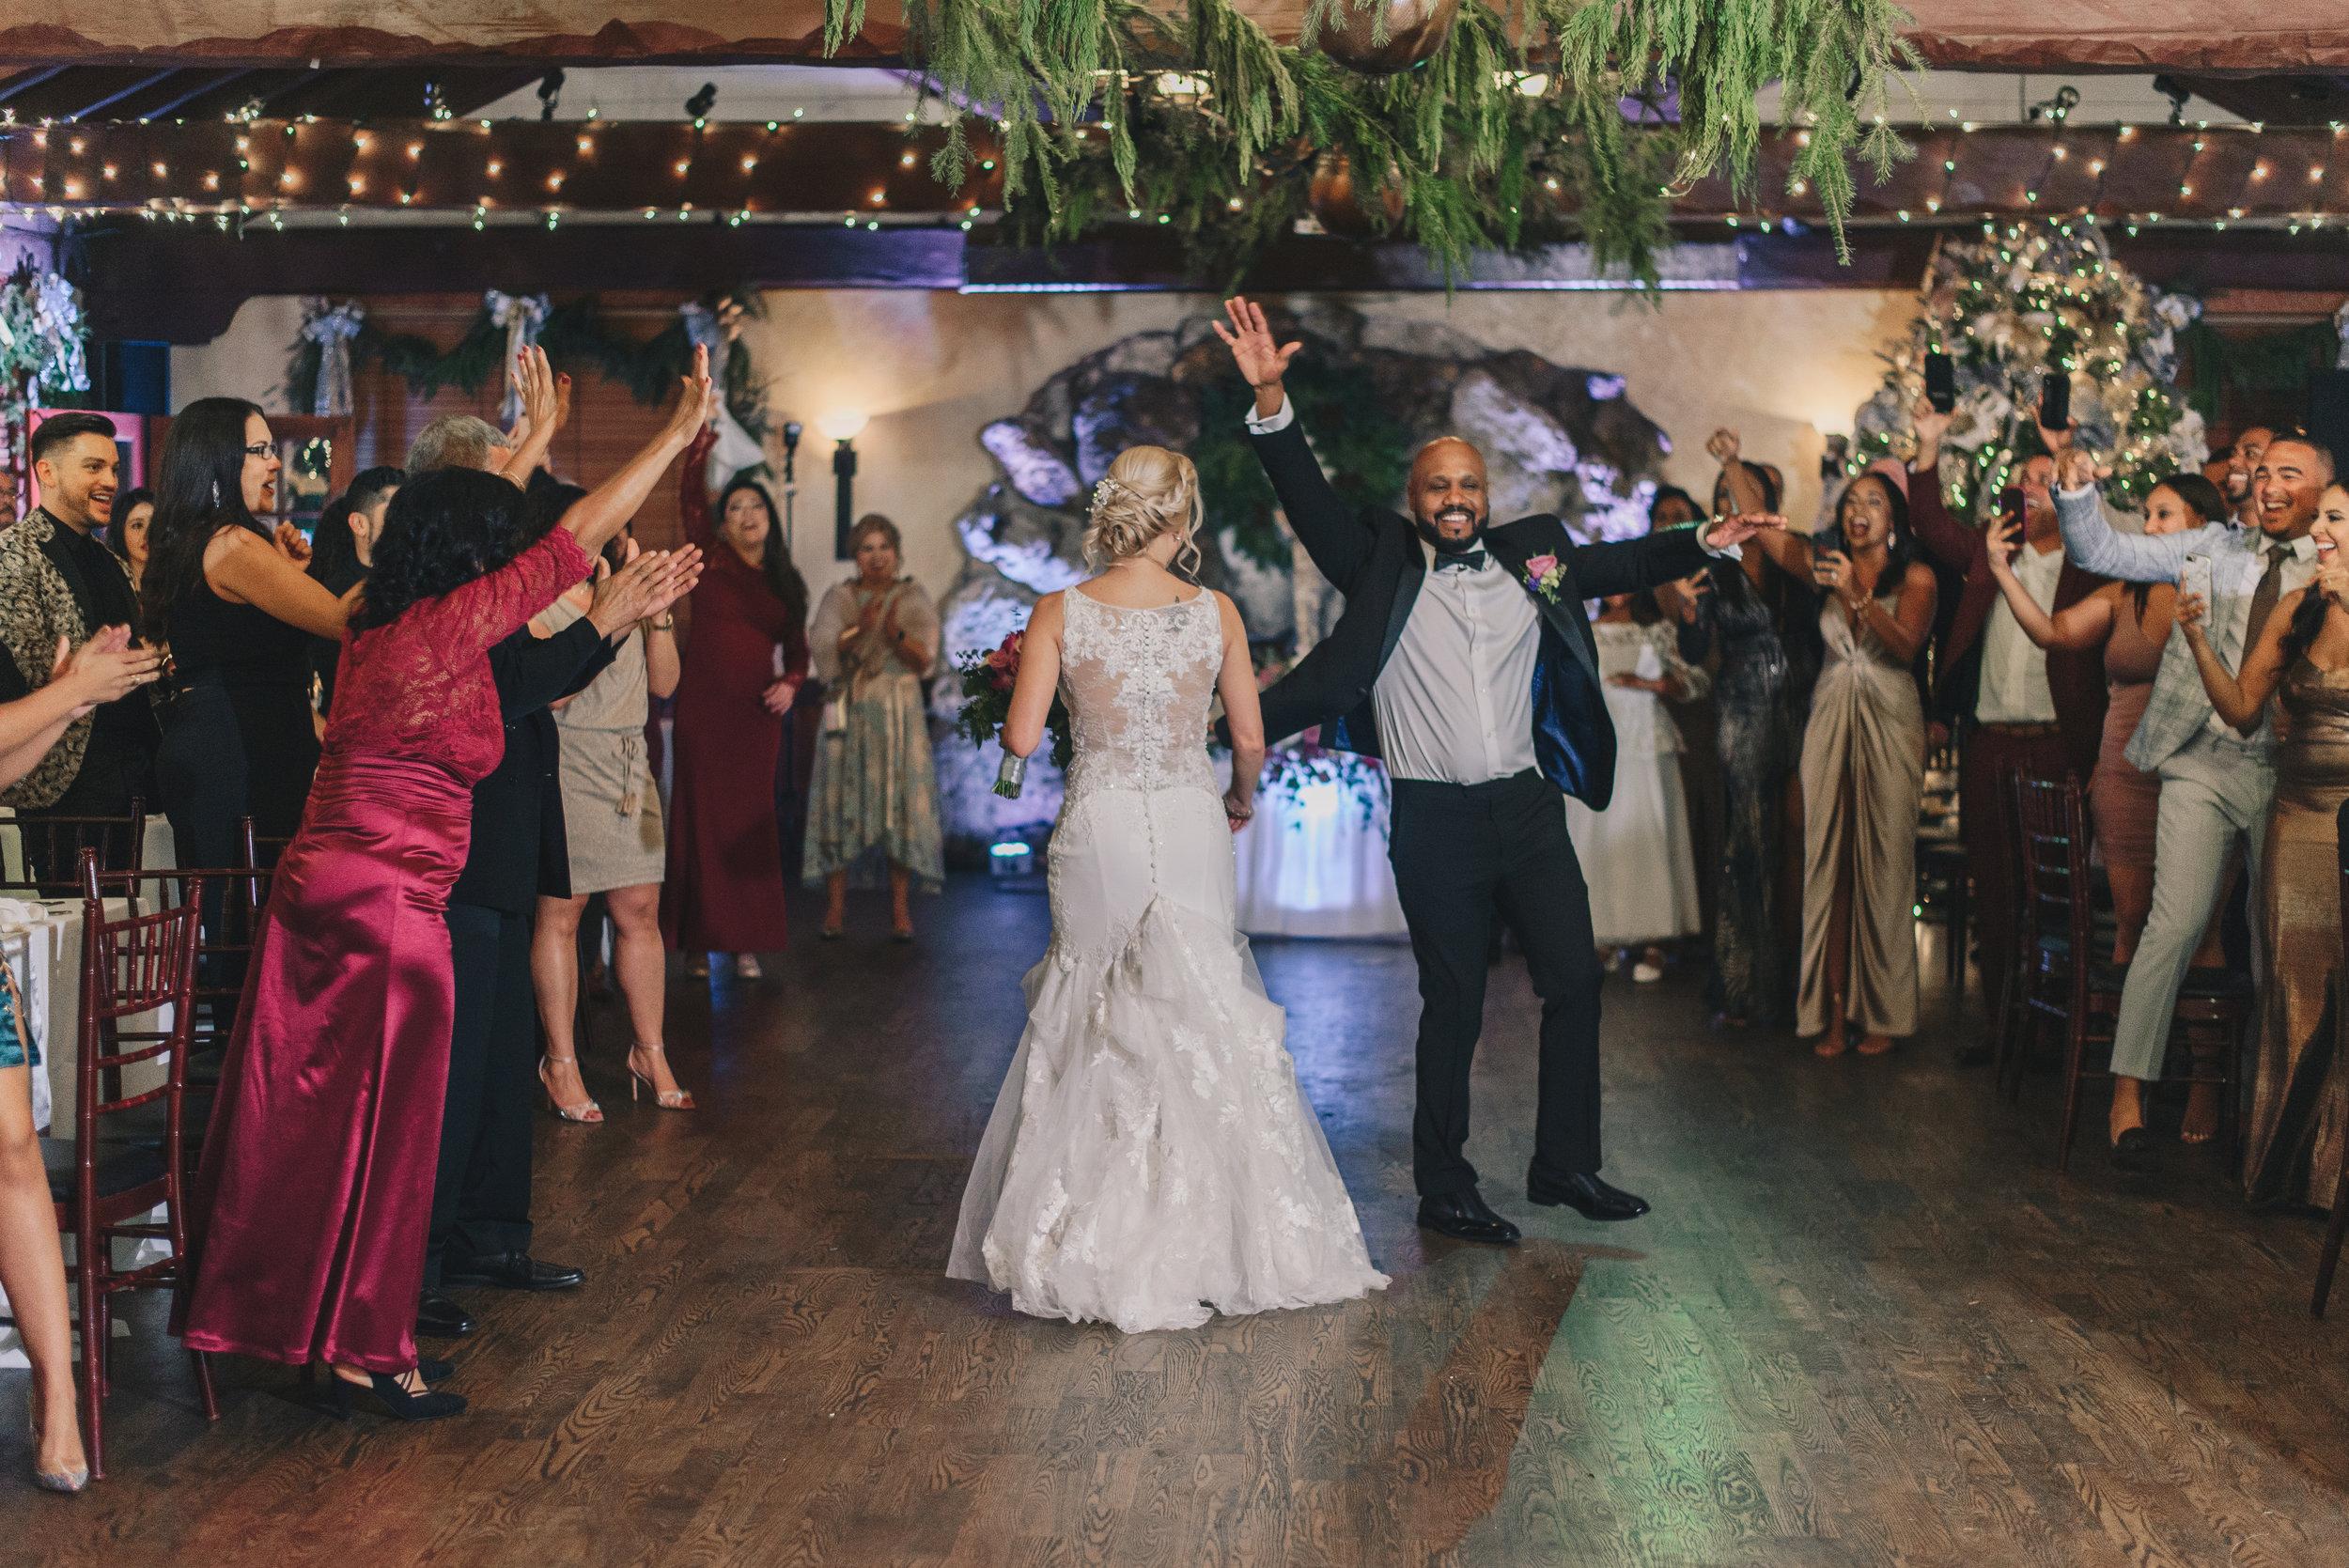 Los-Vargas-Photo-Wedding-Historic-Dubsdread-Ballroom-9068.jpg